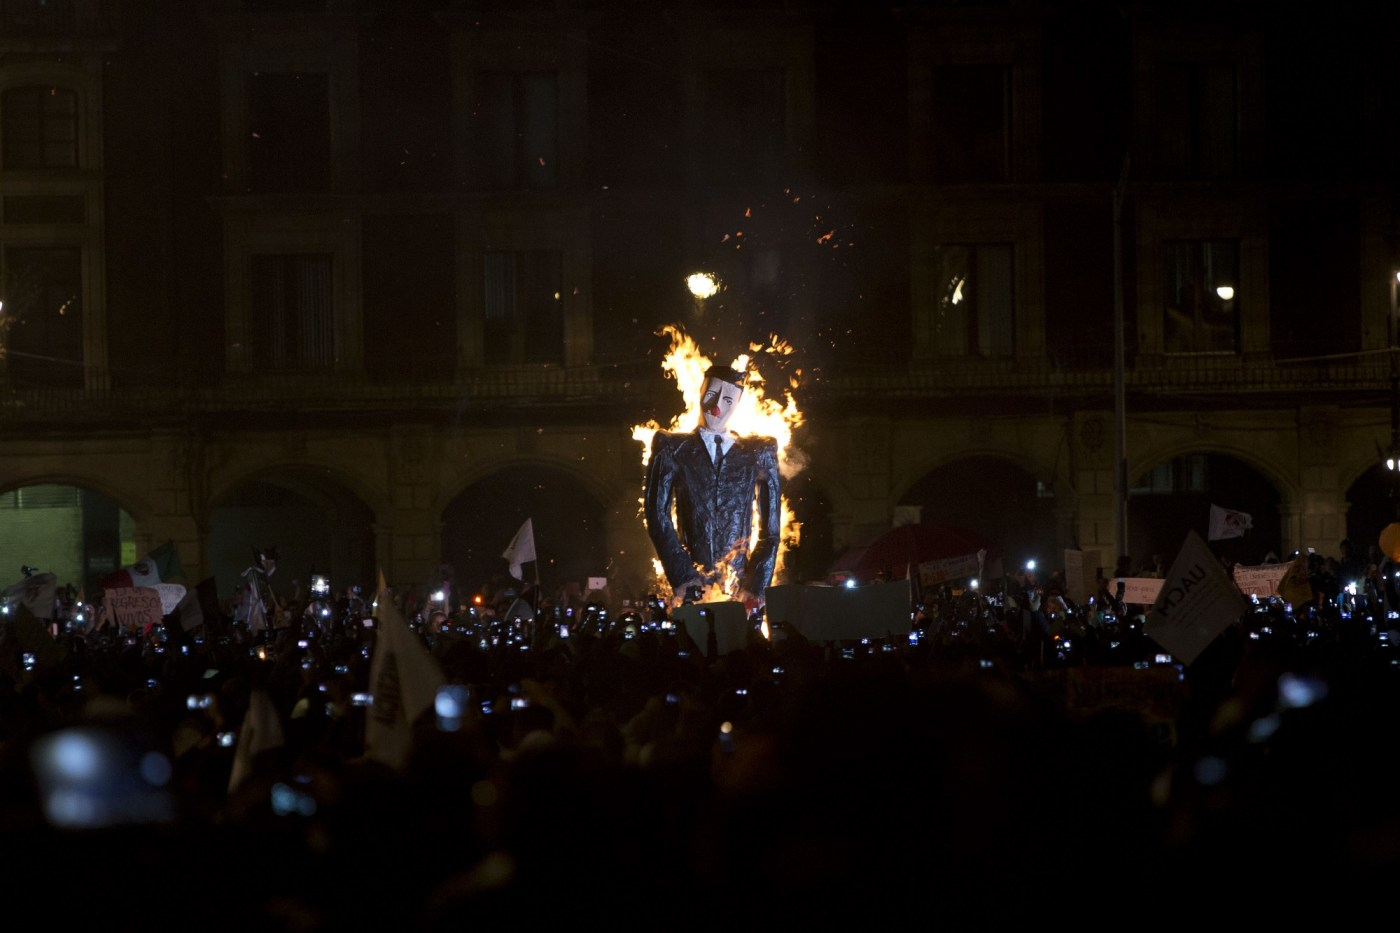 Una efigie que representa a Enrique Peña Nieto fue prendida en fuego durante una protesta masiva. Los manifestantes exigen justicia por los desaparecidos de Ayotzinapa.